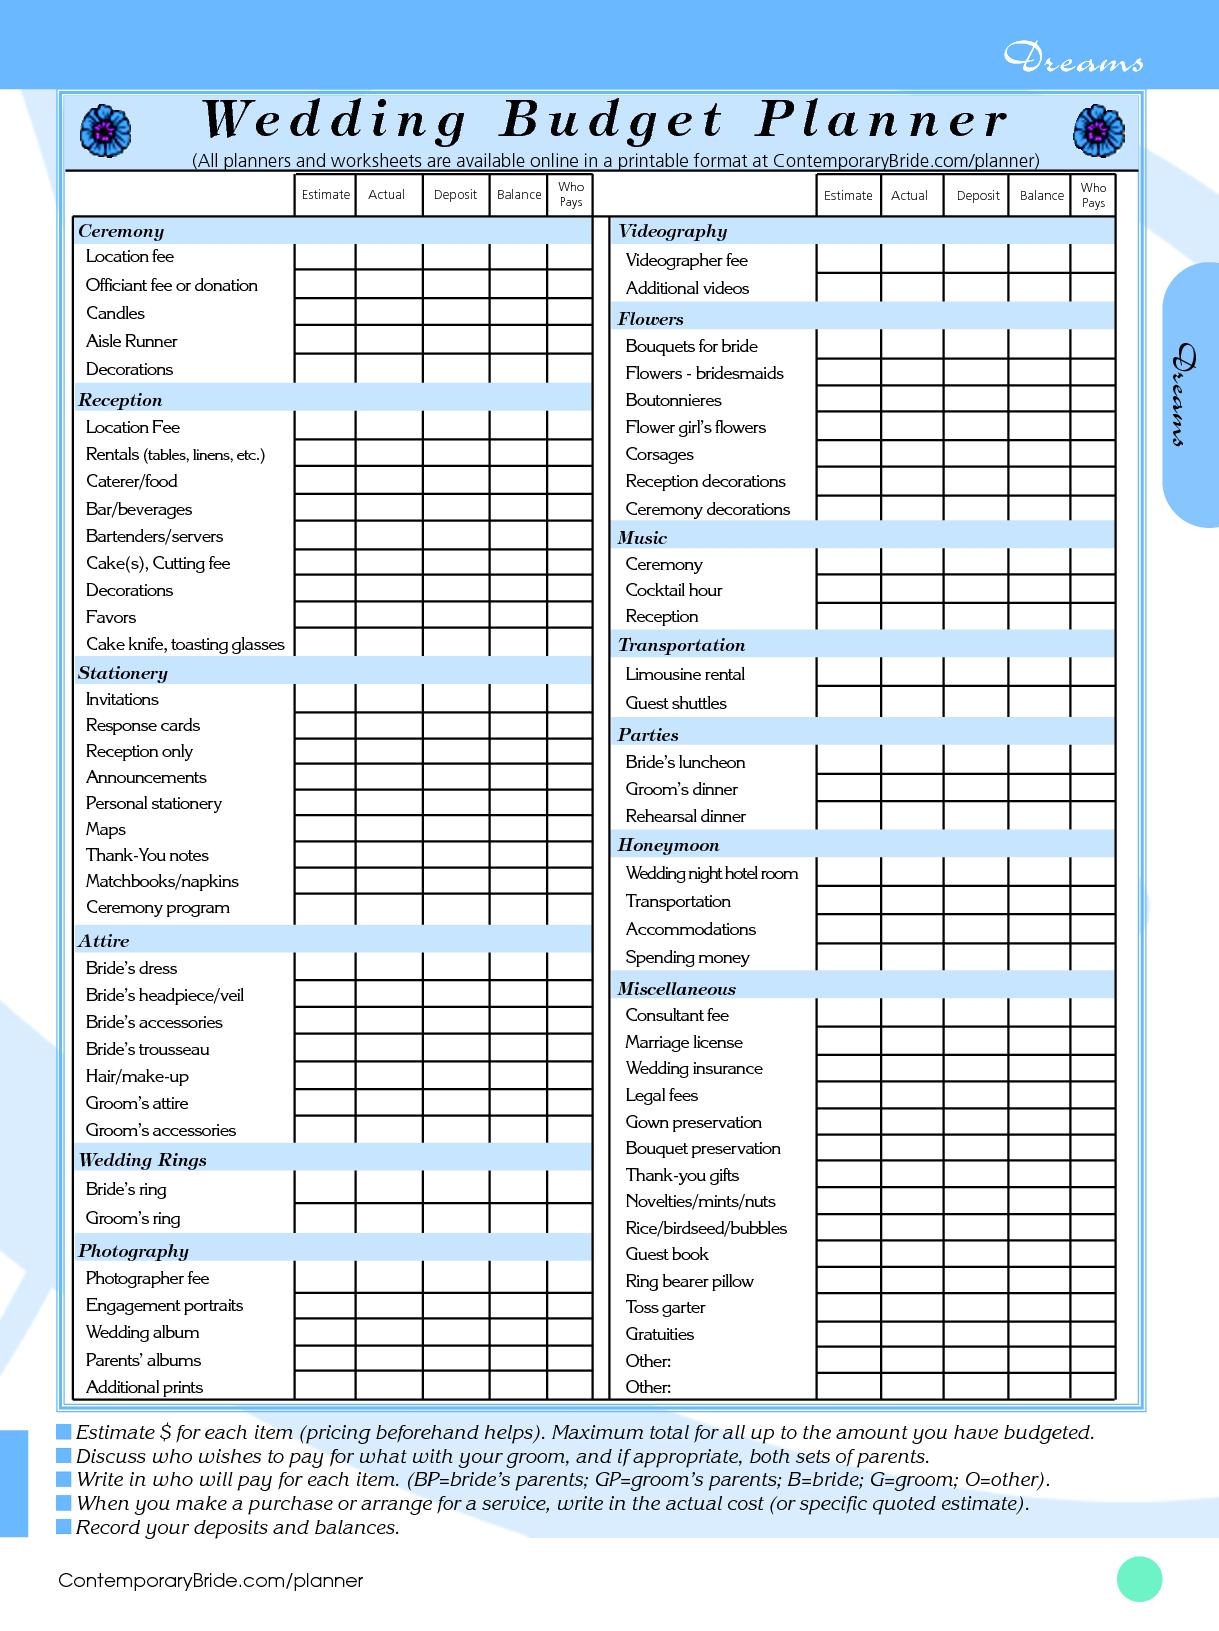 Wedding Planning Spreadsheet Within Wedding Planning Budget Spreadsheet Template Checklist Xls Australia